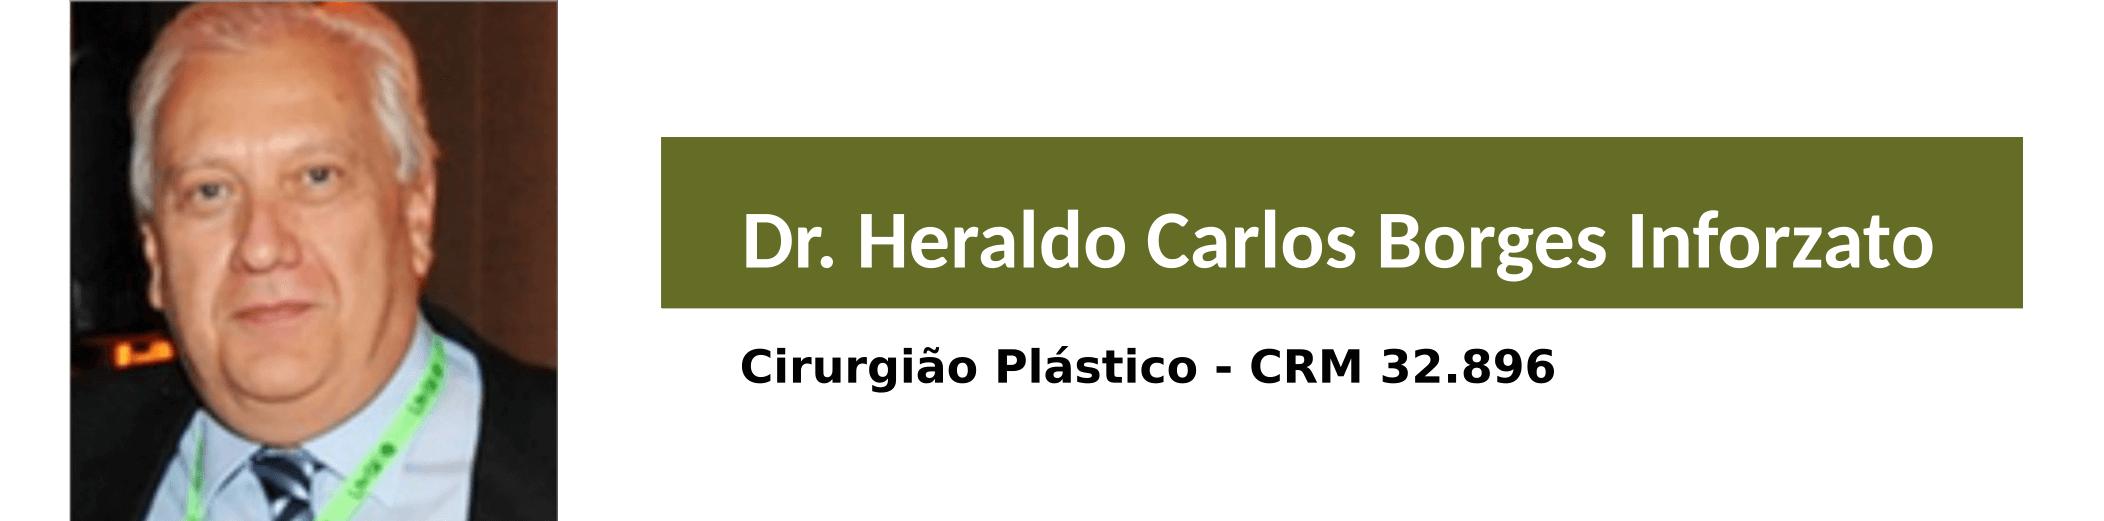 especialista dr heraldo inforzato 080419